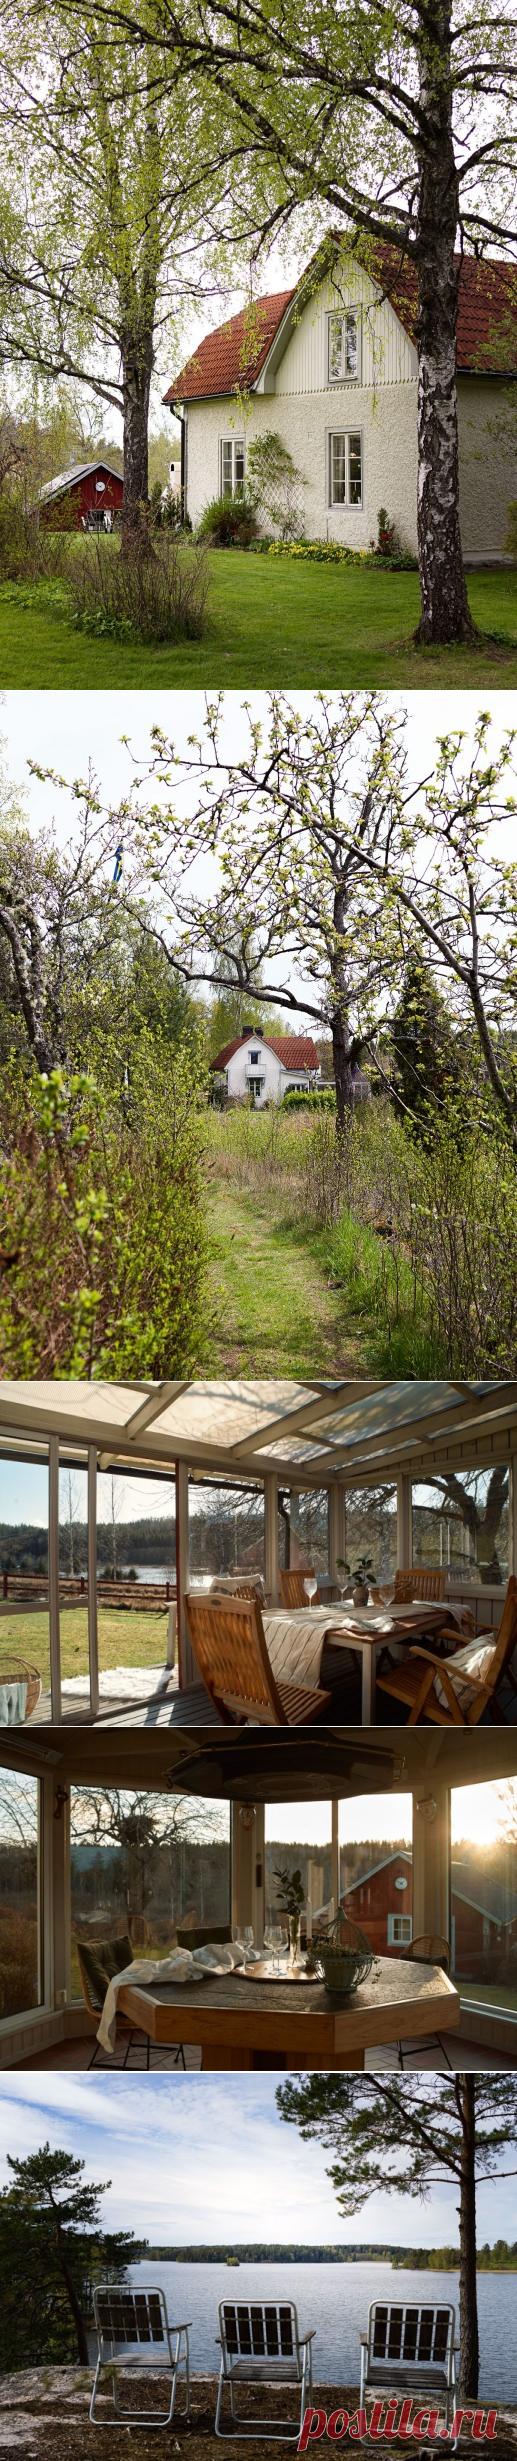 Коттедж и просторный гостевой дом в Мальмкёпинге, Швеция